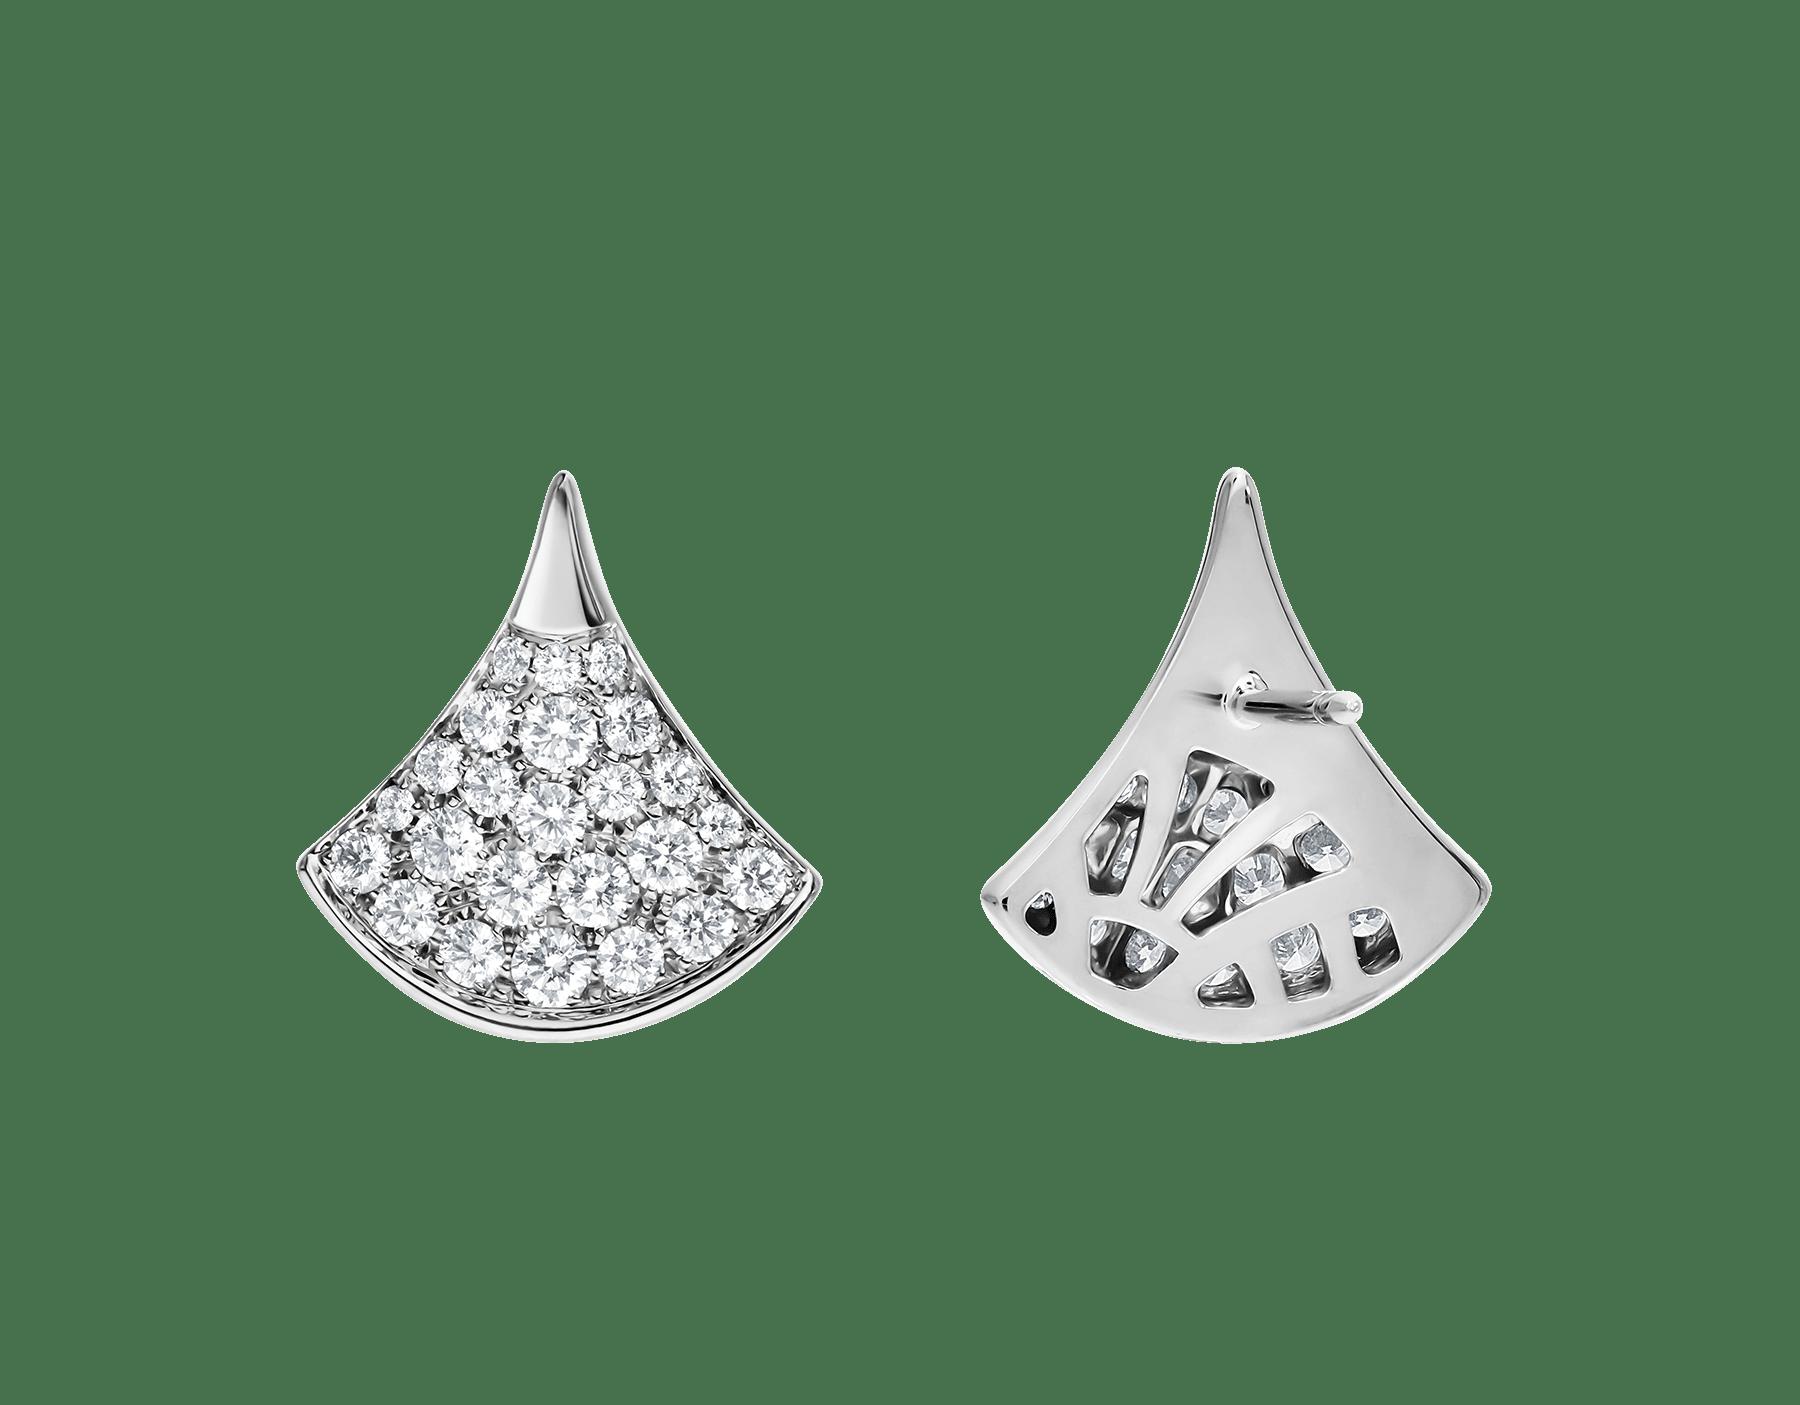 우아한 디자인 속에 담긴 순수함과 파베 다이아몬드와 화이트 골드의 시간을 뛰어넘는 클래식한 매력으로 찬란하게 빛나는 디바스 드림 이어링은 모든 디바가 간직한 격조 높은 우아함을 표현합니다. 352602 image 3